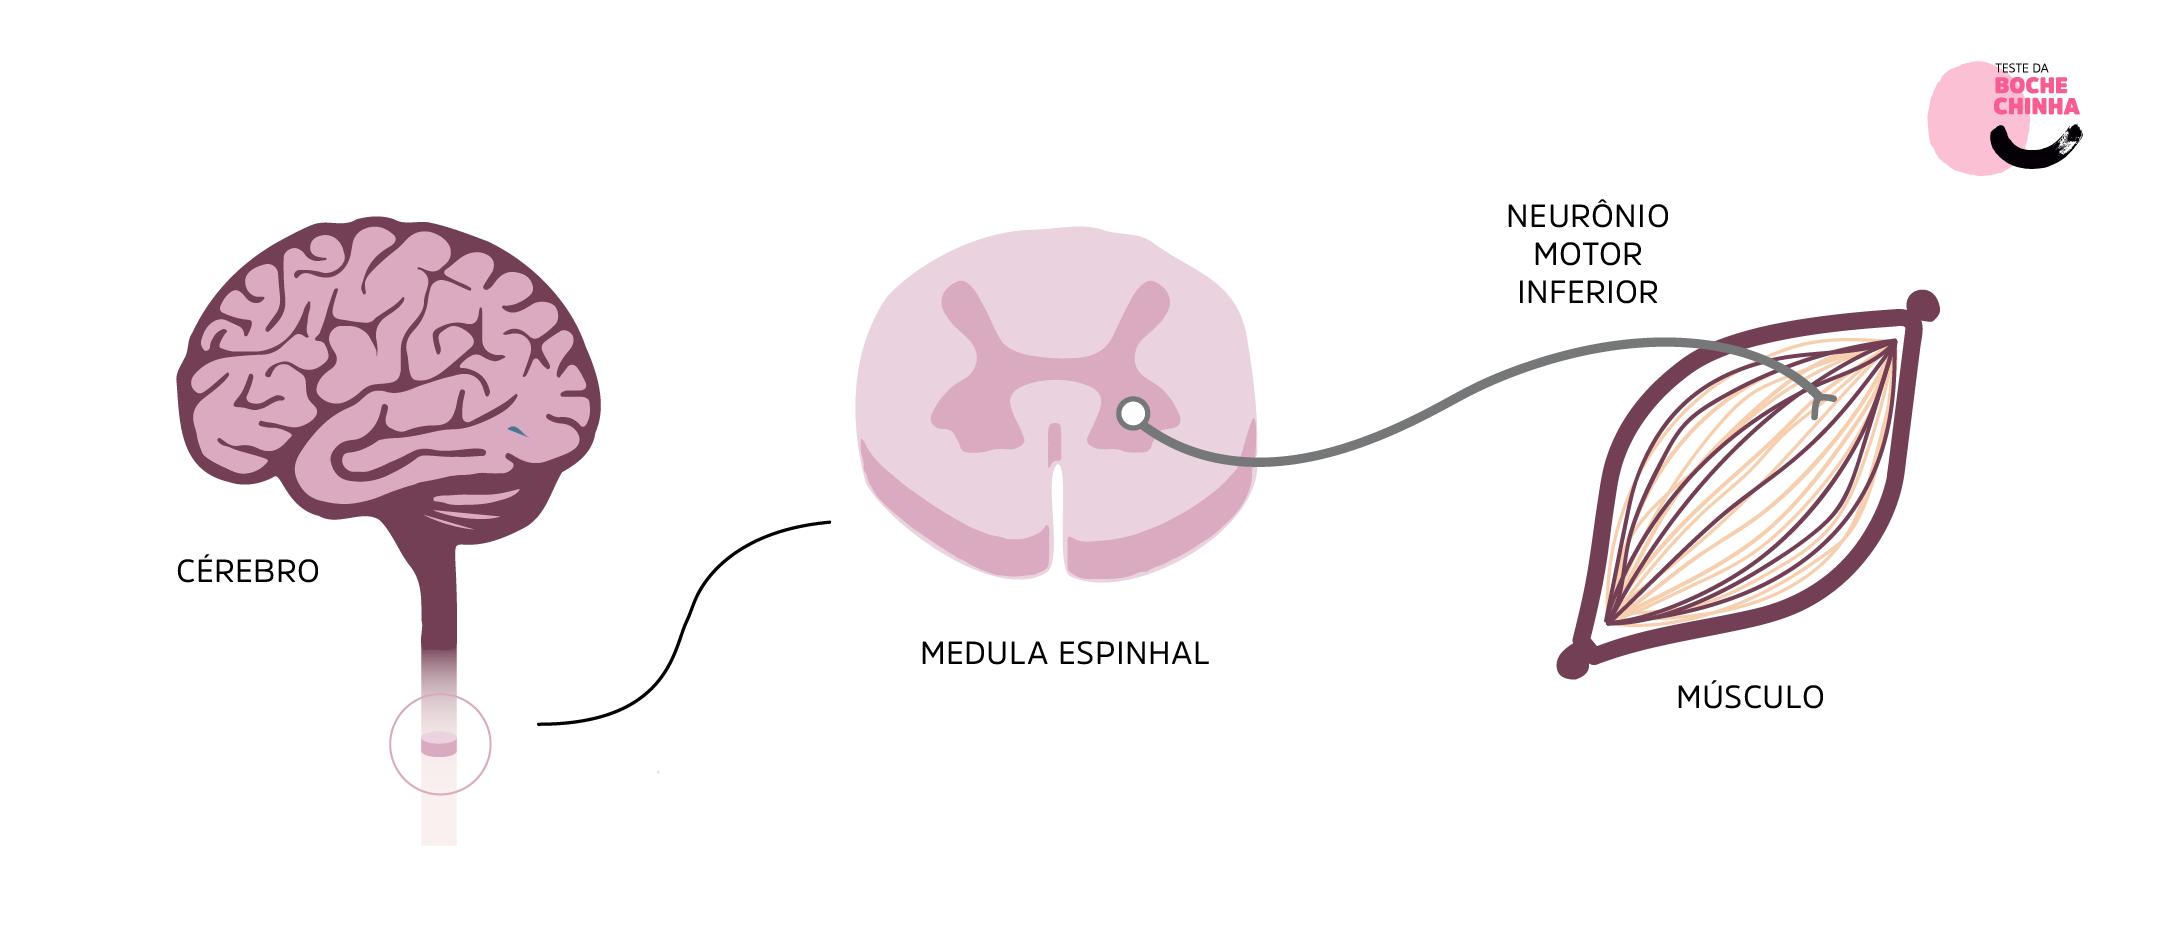 Figura 1. Ilustração representando a medula espinhal e seus neurônios motores. ame